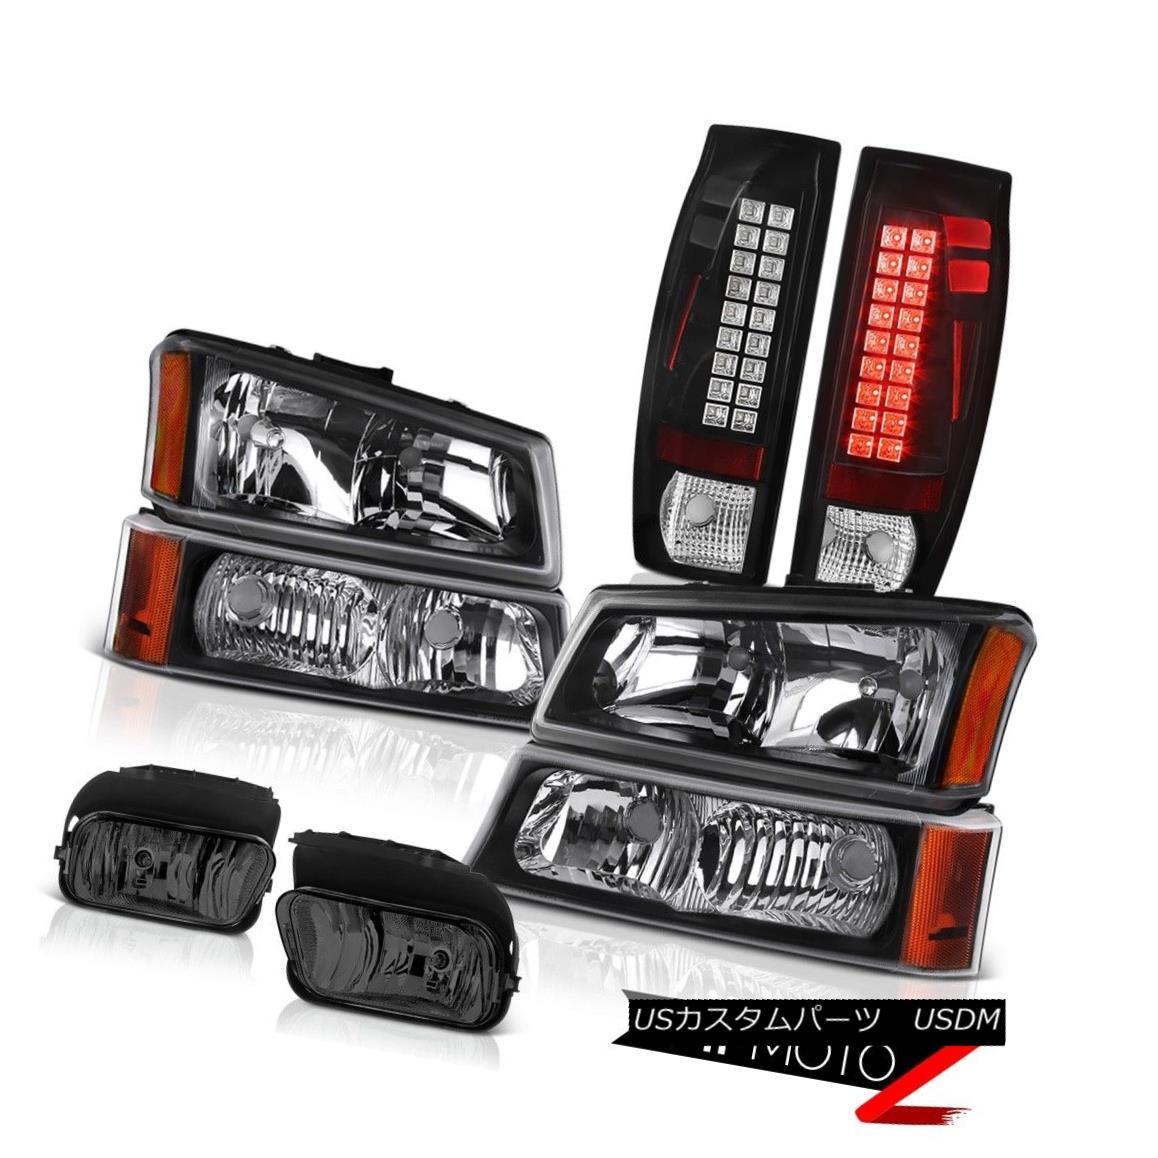 ヘッドライト 2003-2006 Avalanche 2500 Fog Lights Matte Black Tail Lamps Headlights Assembly 2003-2006アバランチ2500フォグライトマットブラックテールランプヘッドライトアセンブリ